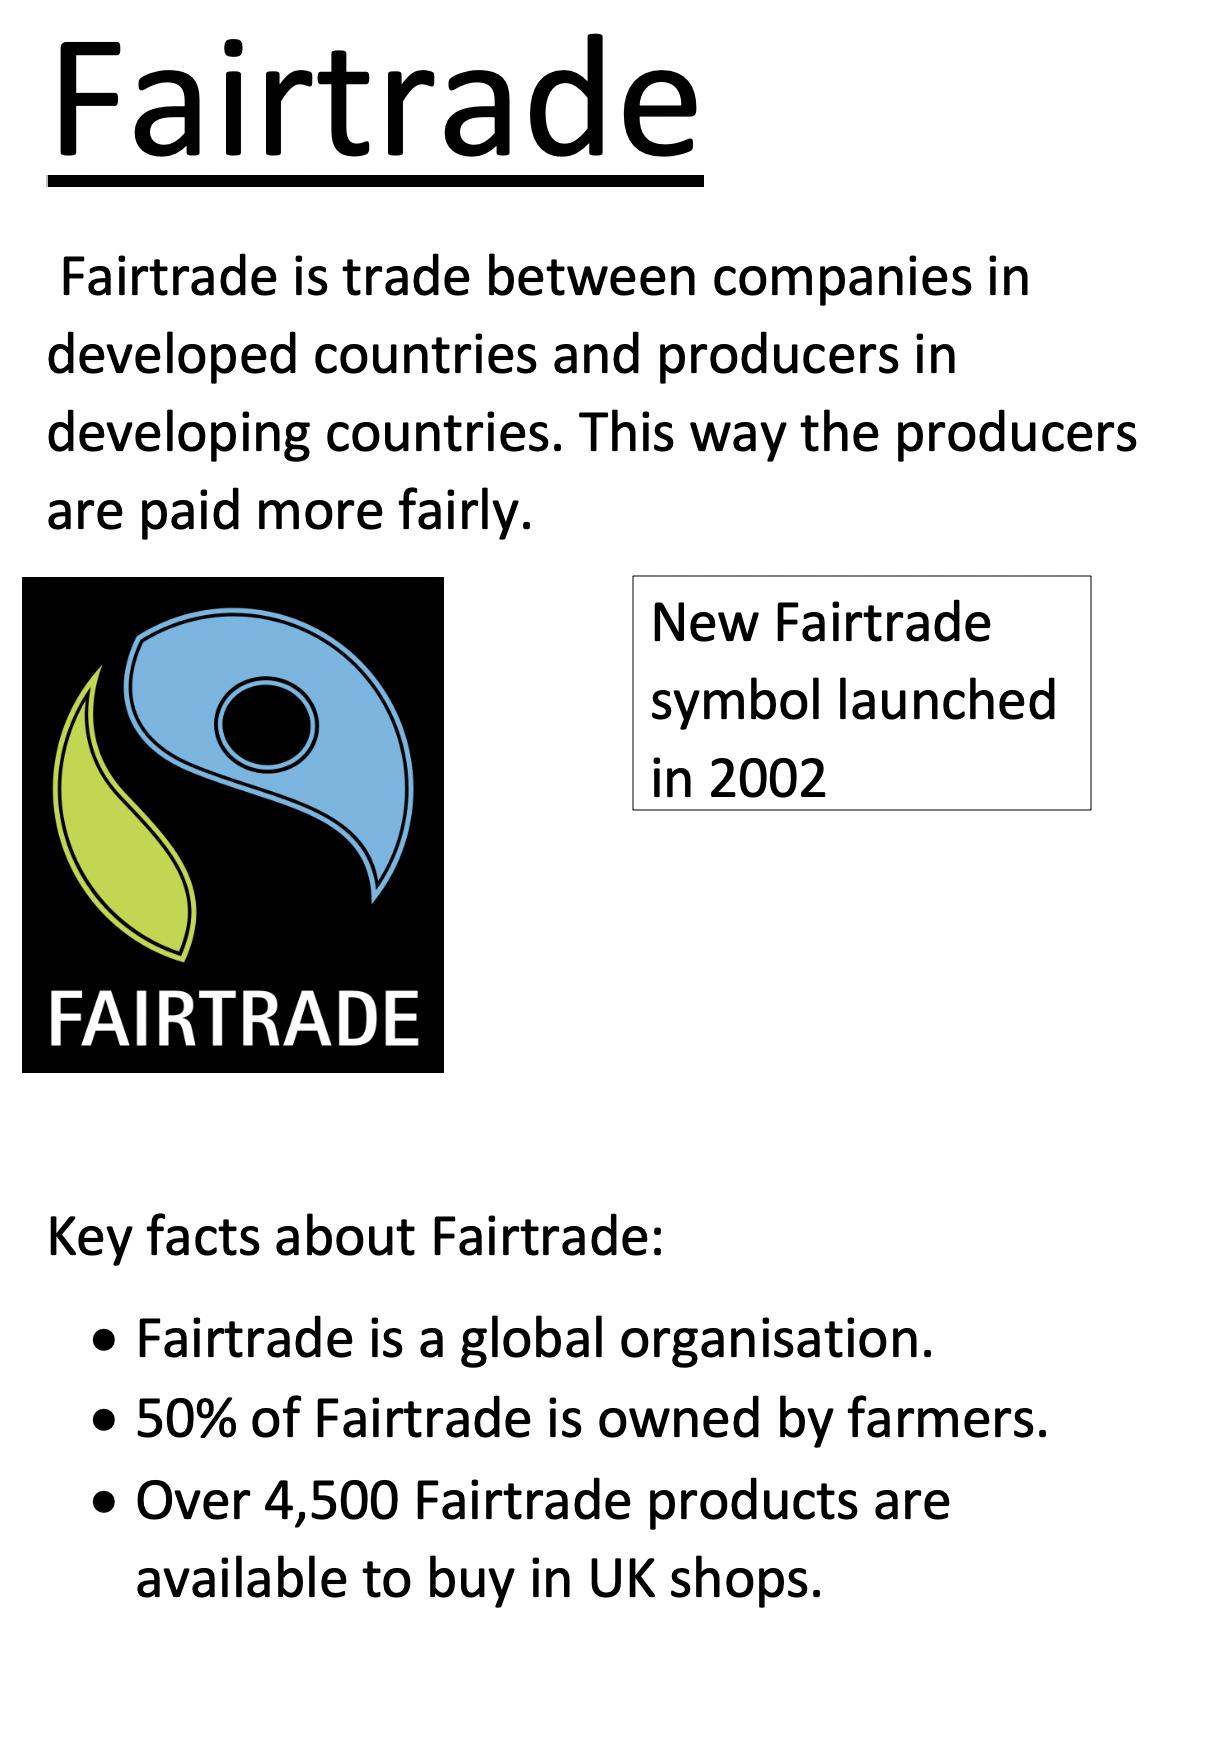 18/06/20 - Fair Trade